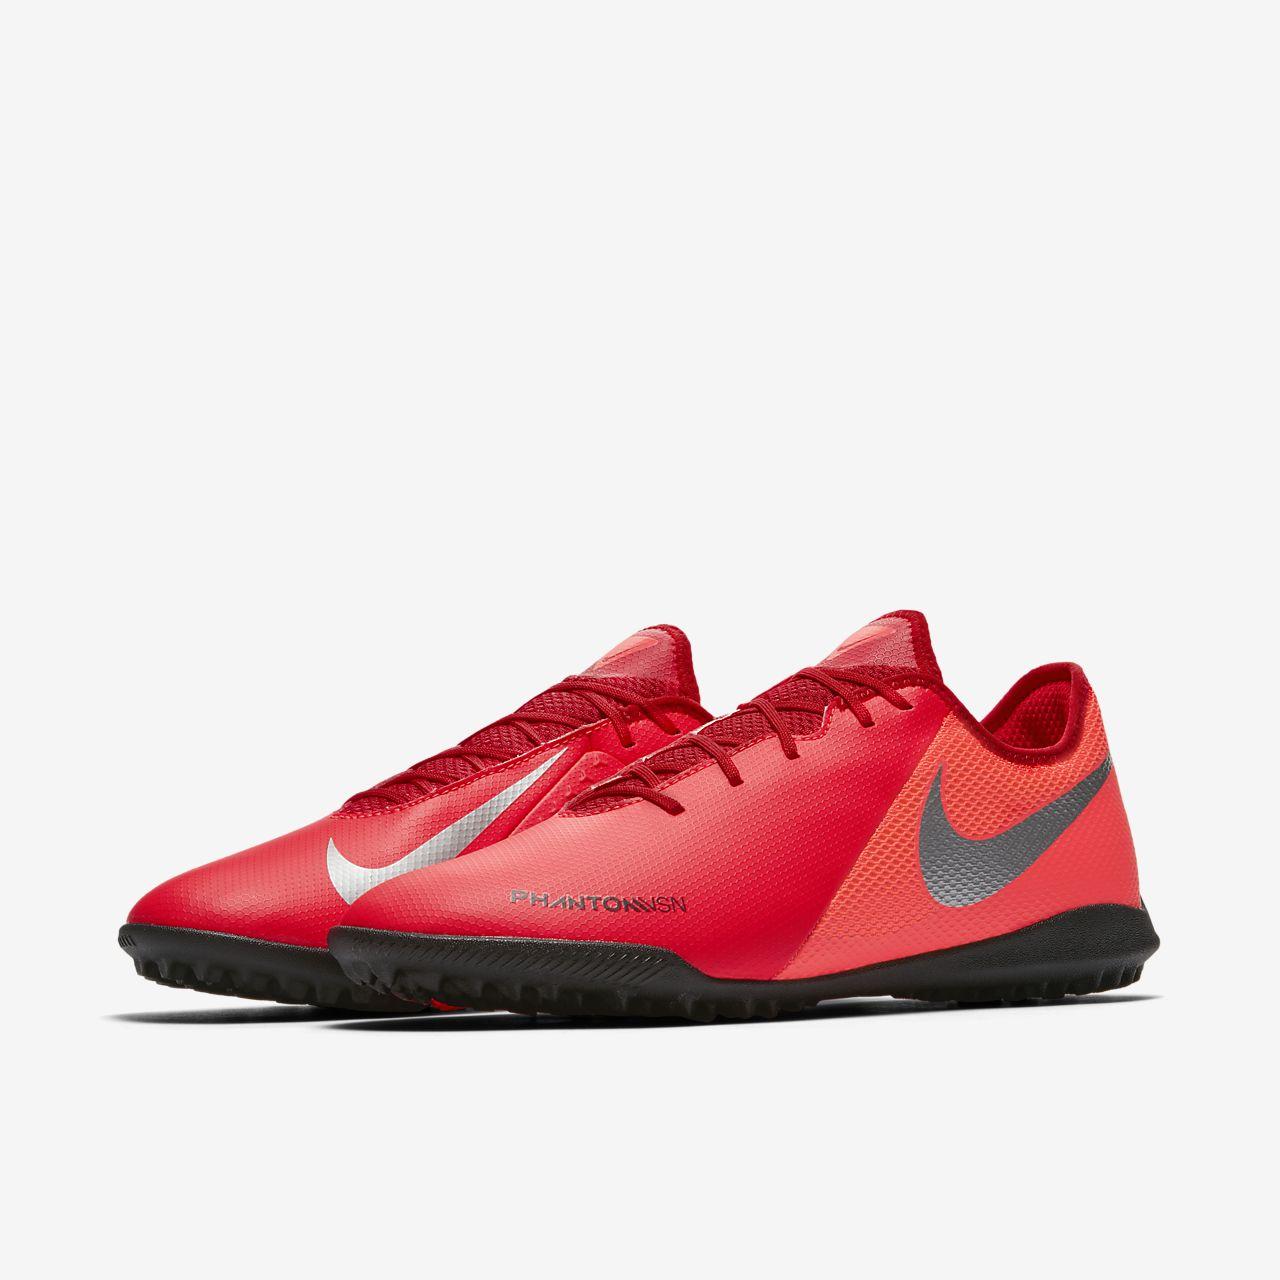 6d88907b7 Nike Phantom Vision Academy Artificial-Turf Football Boot. Nike.com GB